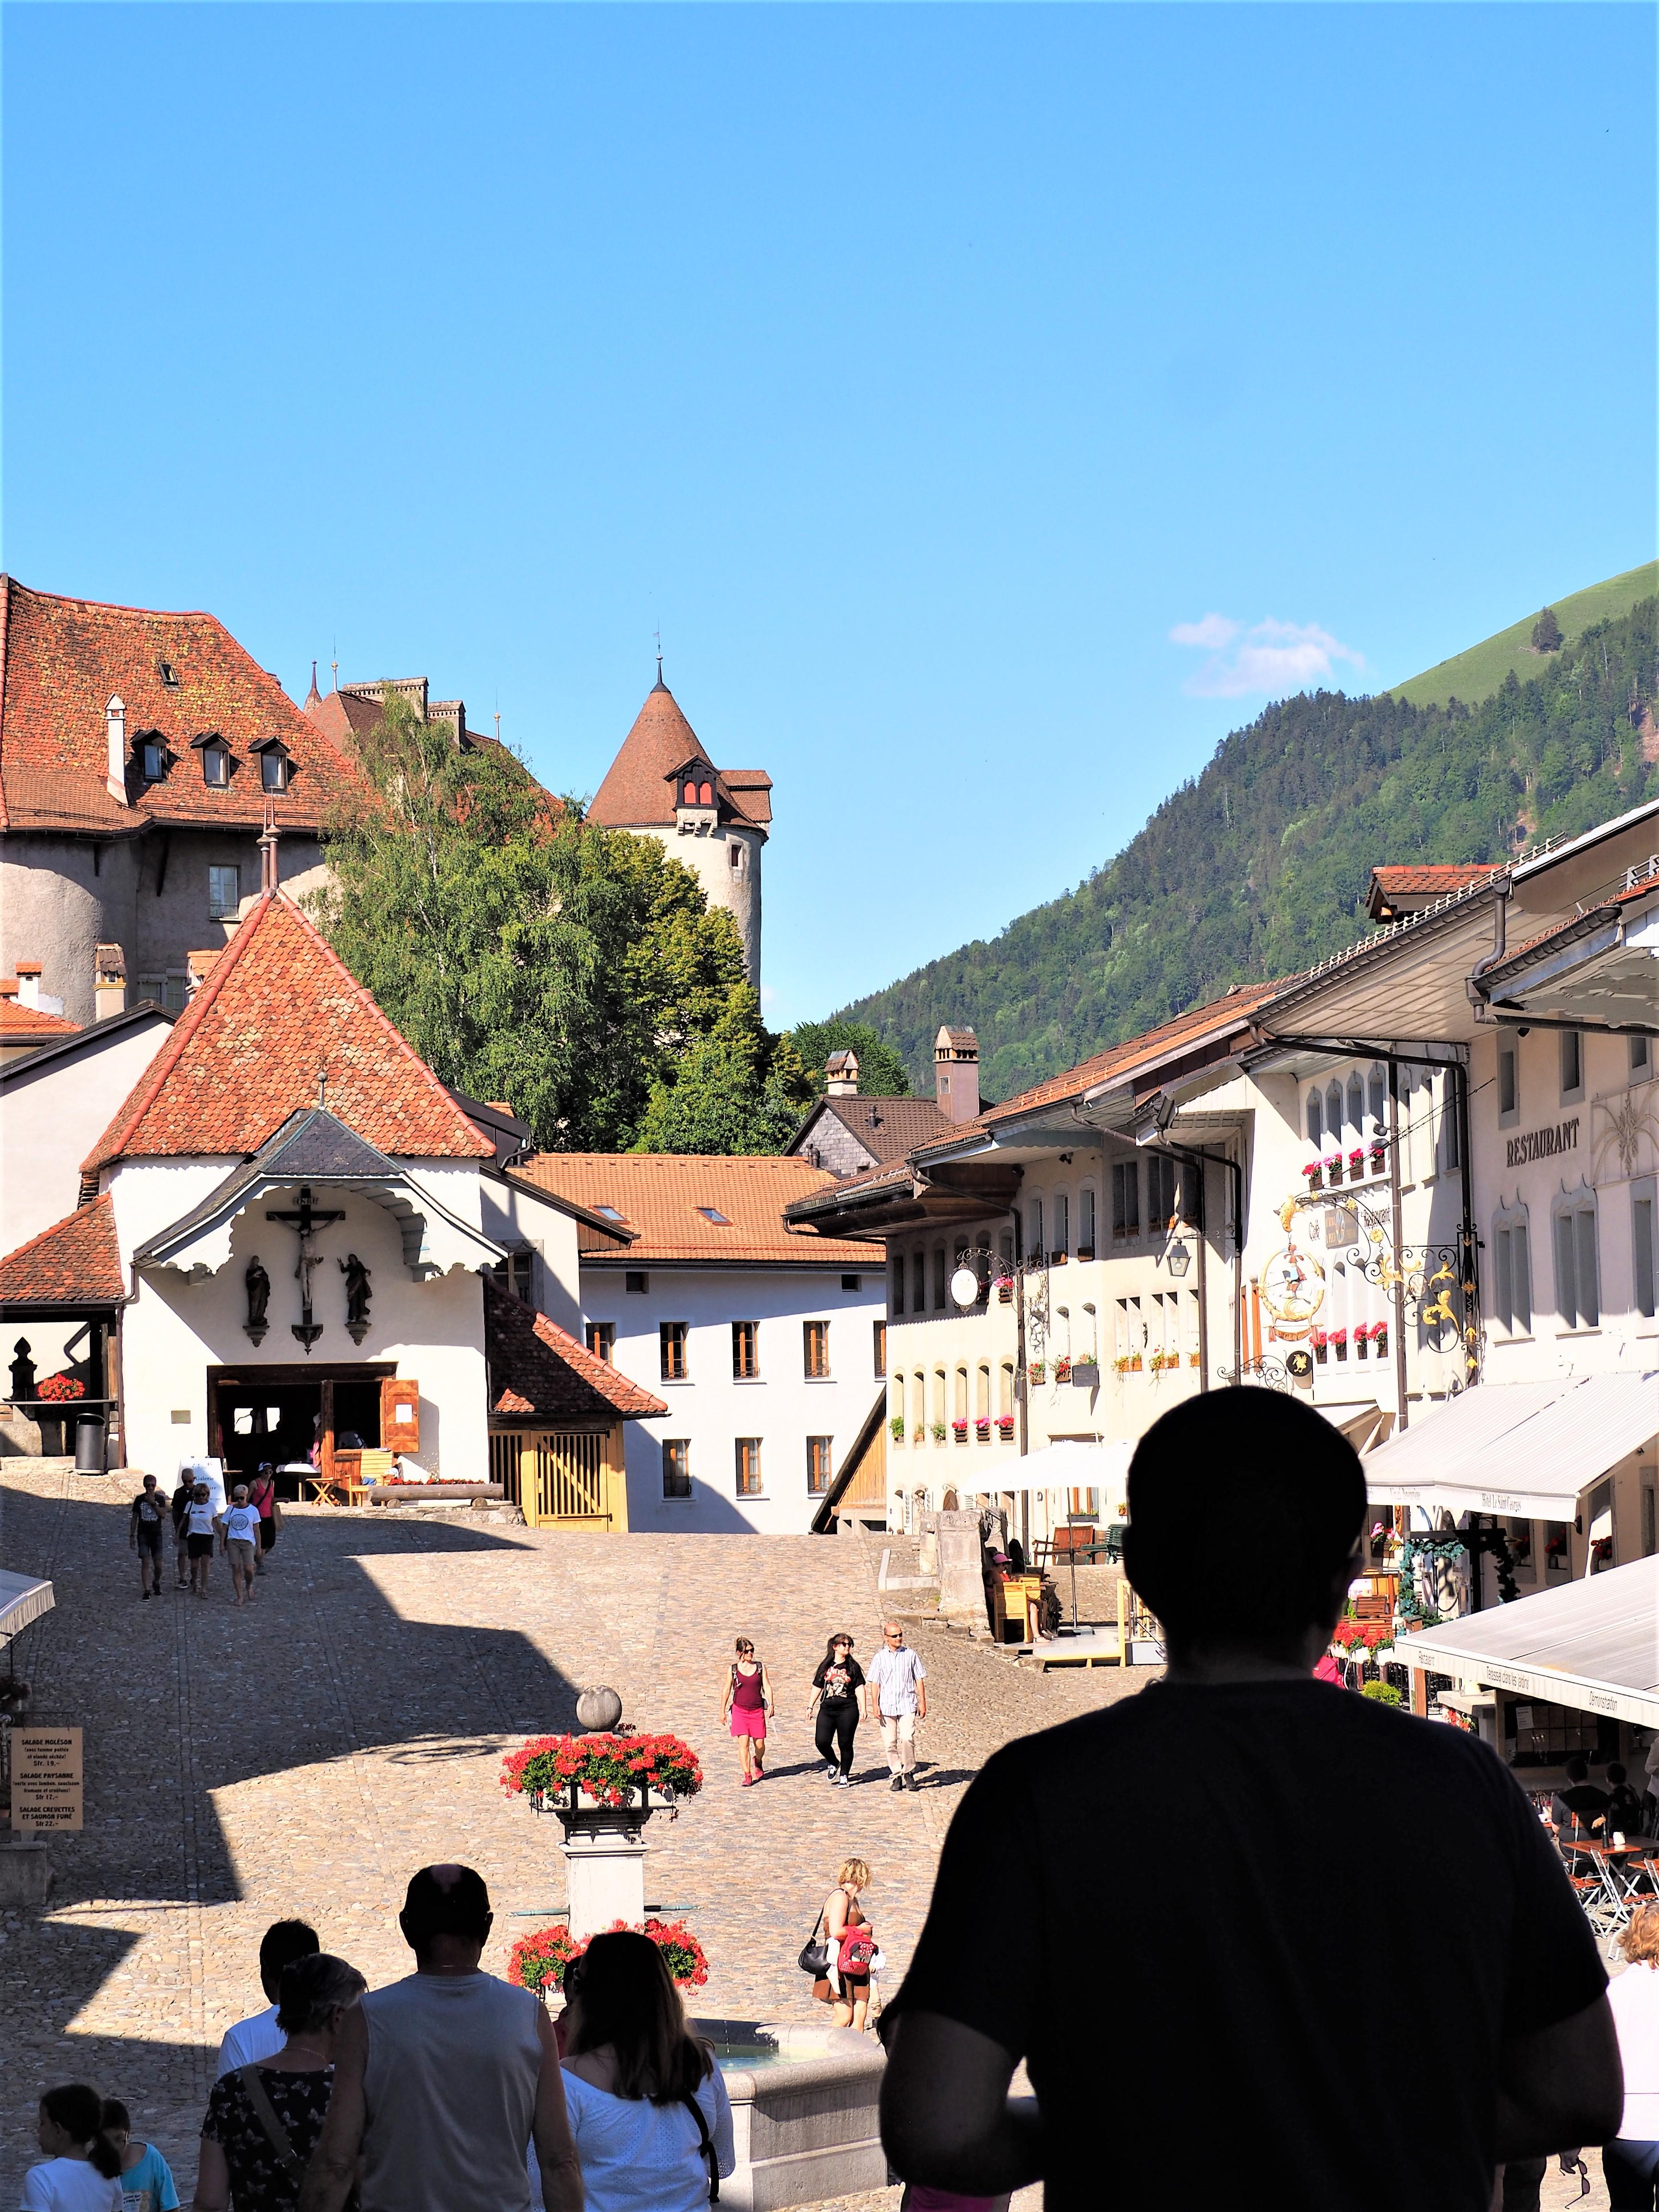 Visiter-Gruyères-canton-de-Fribourg-Suisse-place-centrale-vue-2